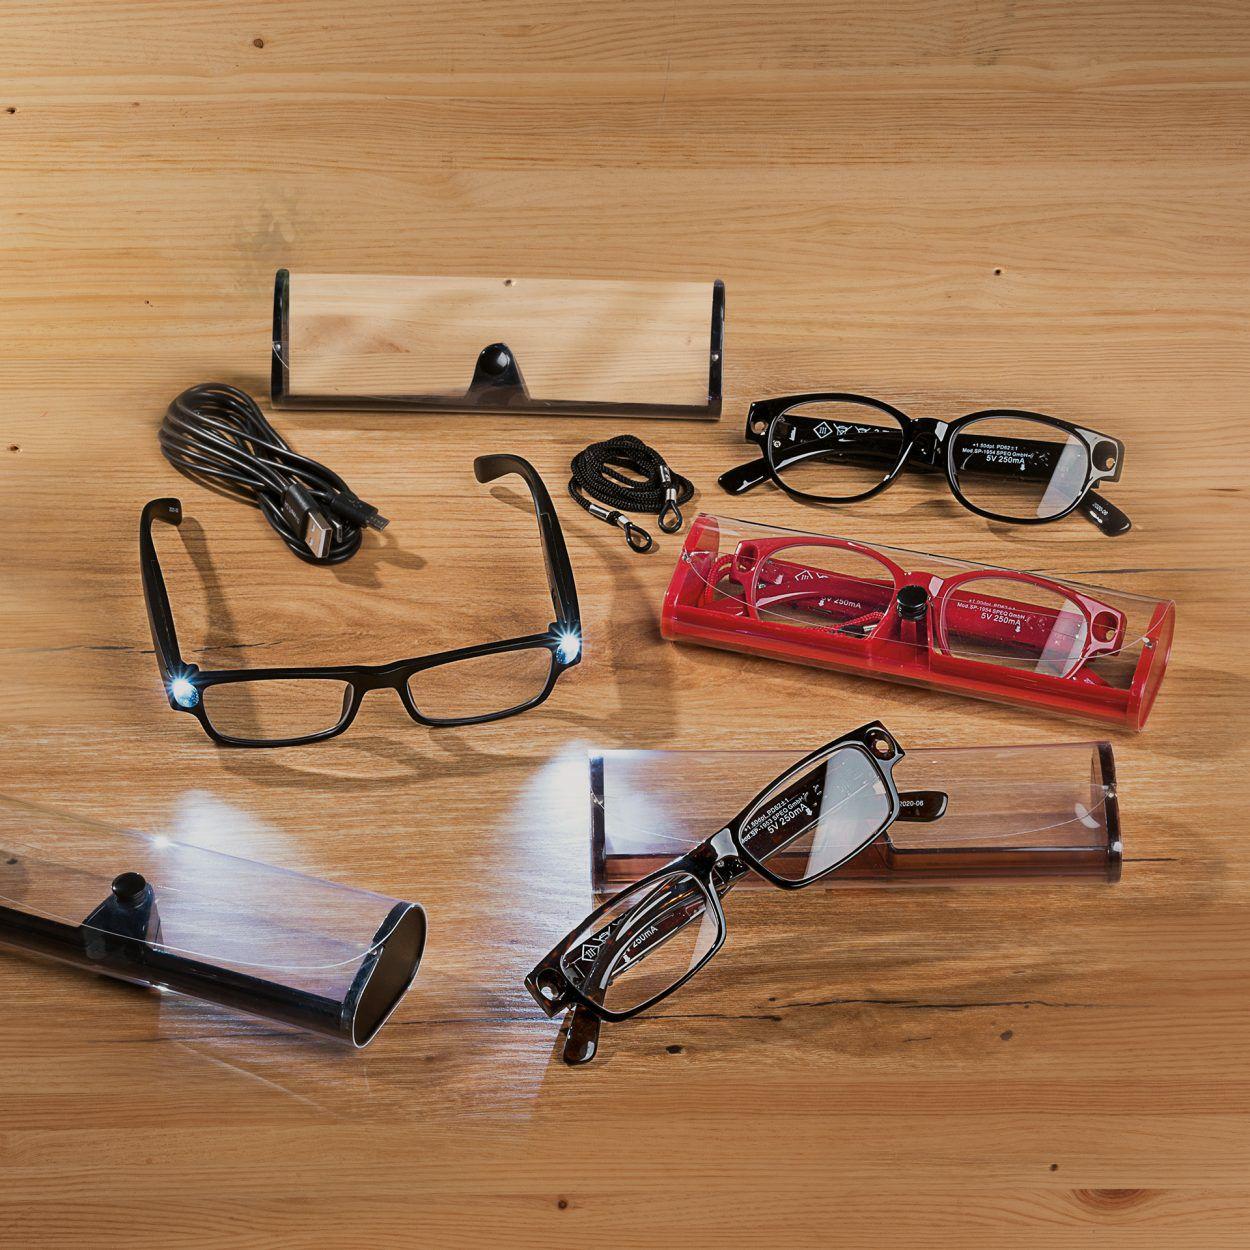 GAFAS DE LECTURA CON LUZ LED RECARGABLES POR USB + ESTUCHE Y CORDEL (dioptrias 1.0 hasta 3.0) varios modelos